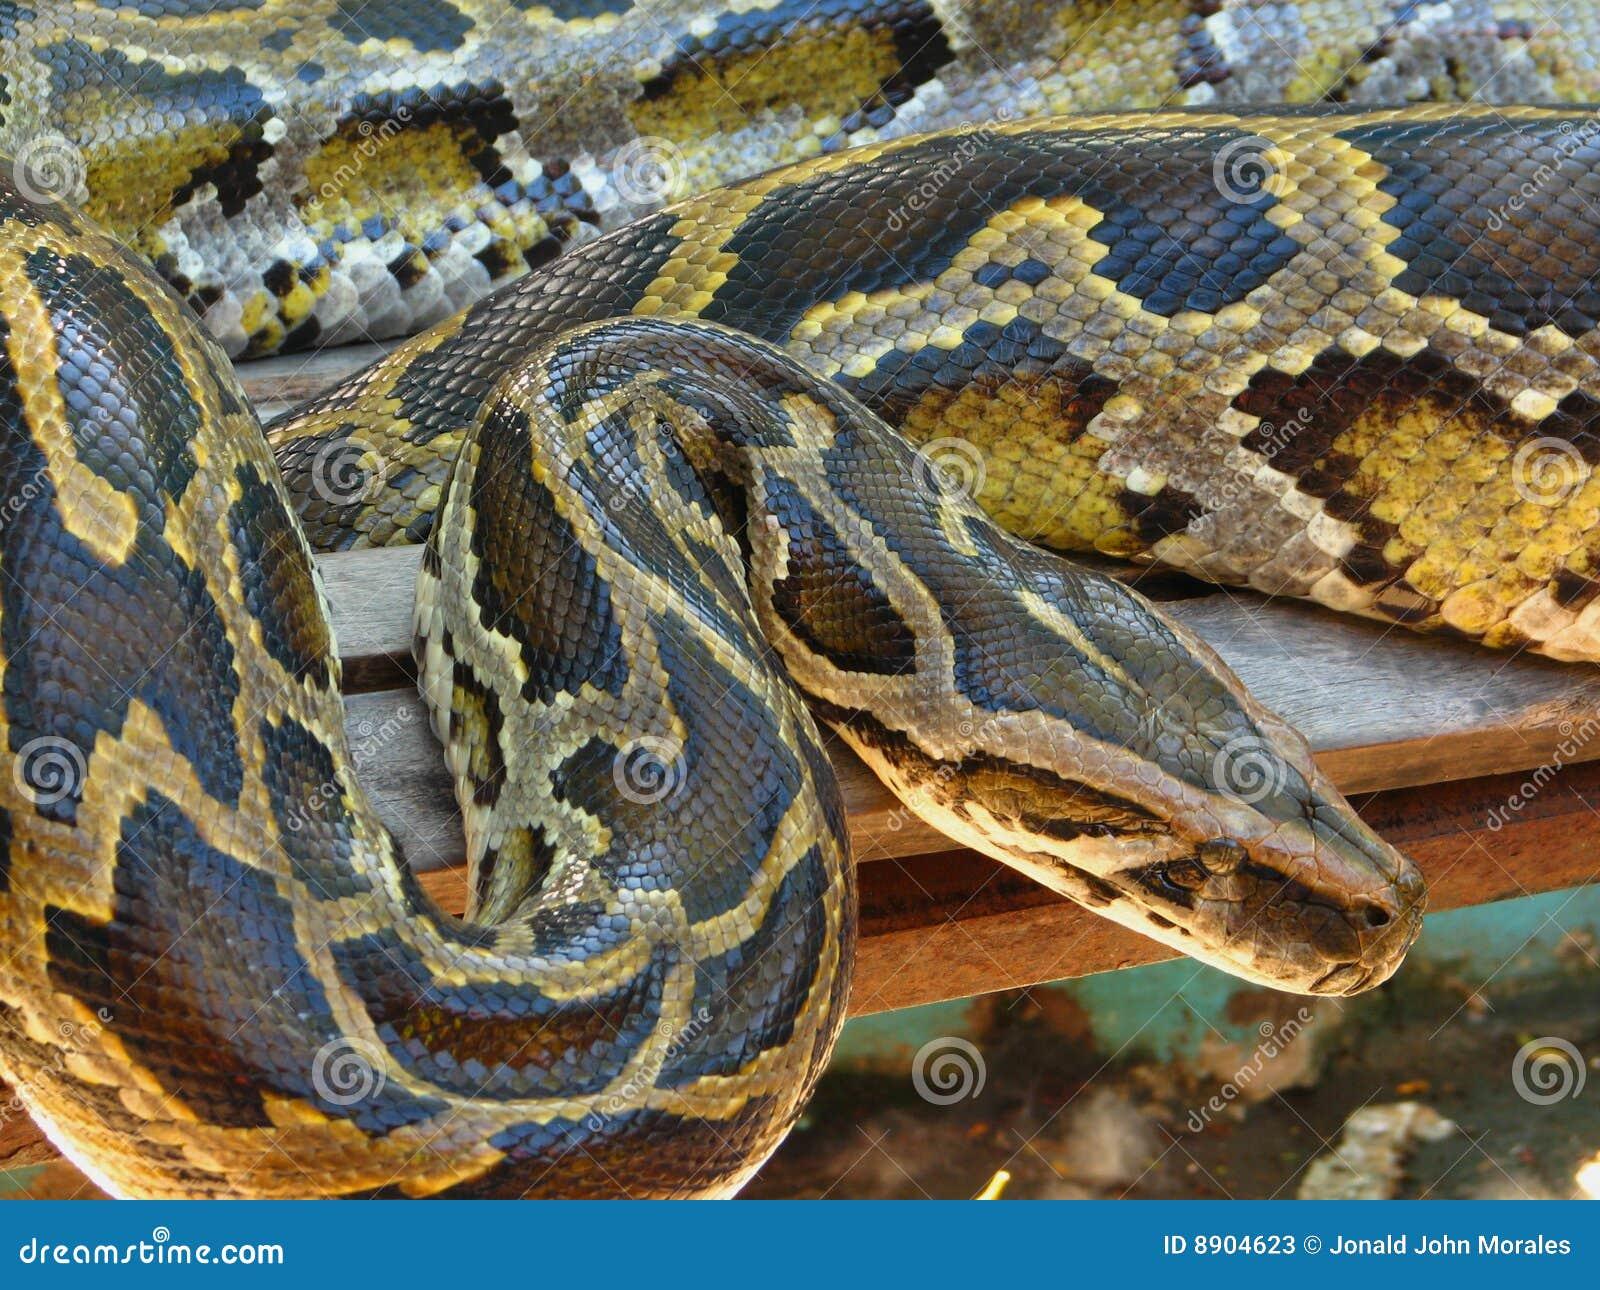 Python Boa Constrictor